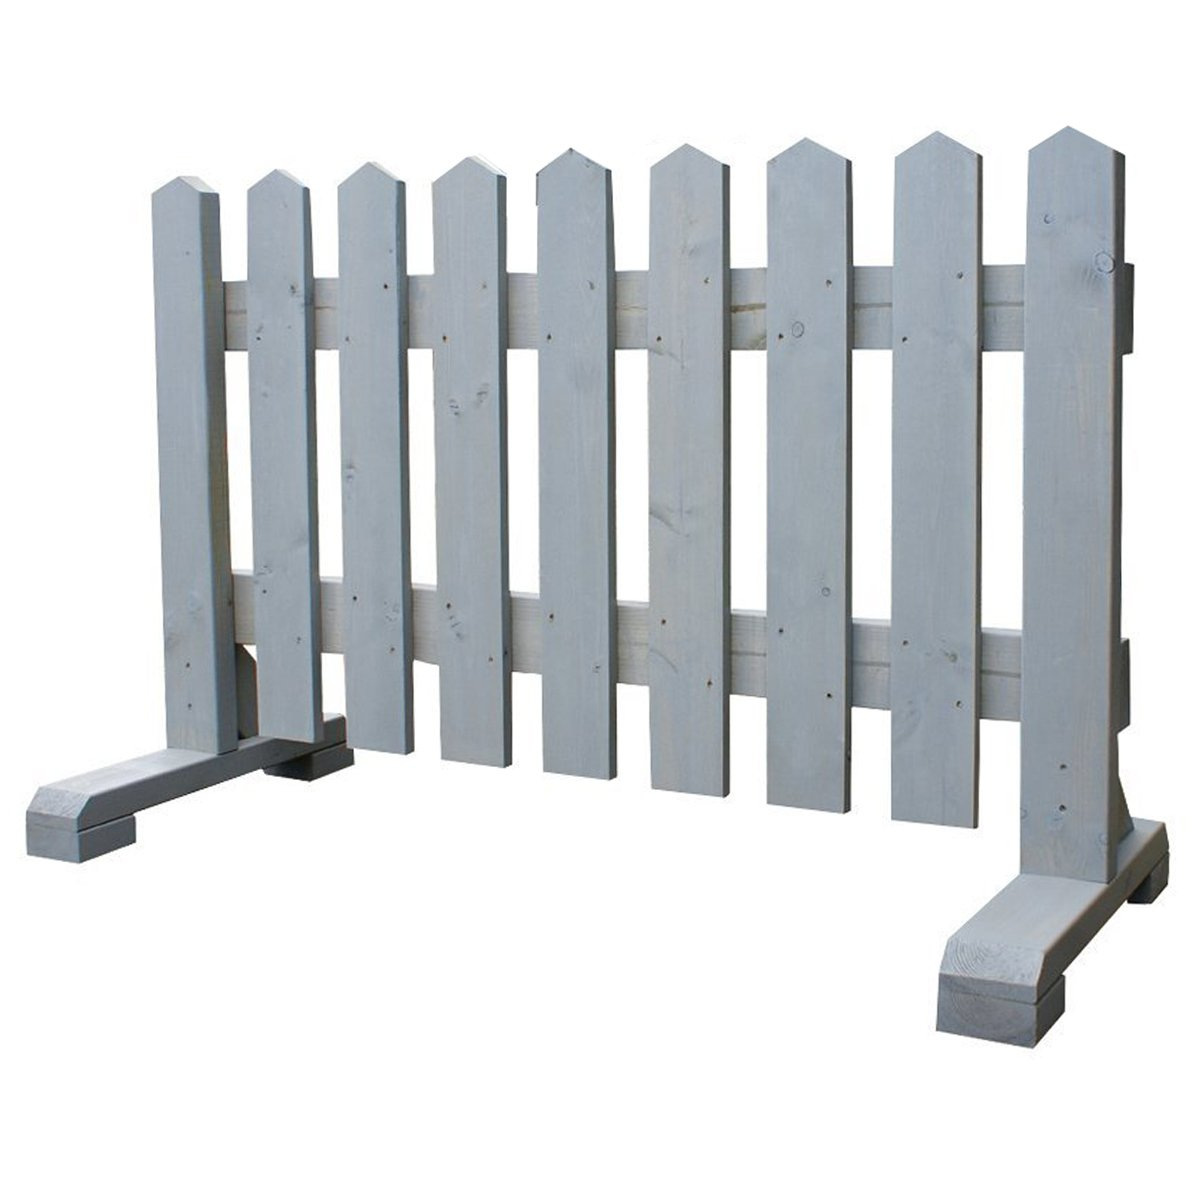 木製 ピケットフェンス -グレー- 【受注製作品】 (幅90cm) 犬 目隠し 屋外 飛び出し防止 柵 ガード さく 木製フェンス ゲート B07BQQY79V 22800 幅90cm  幅90cm